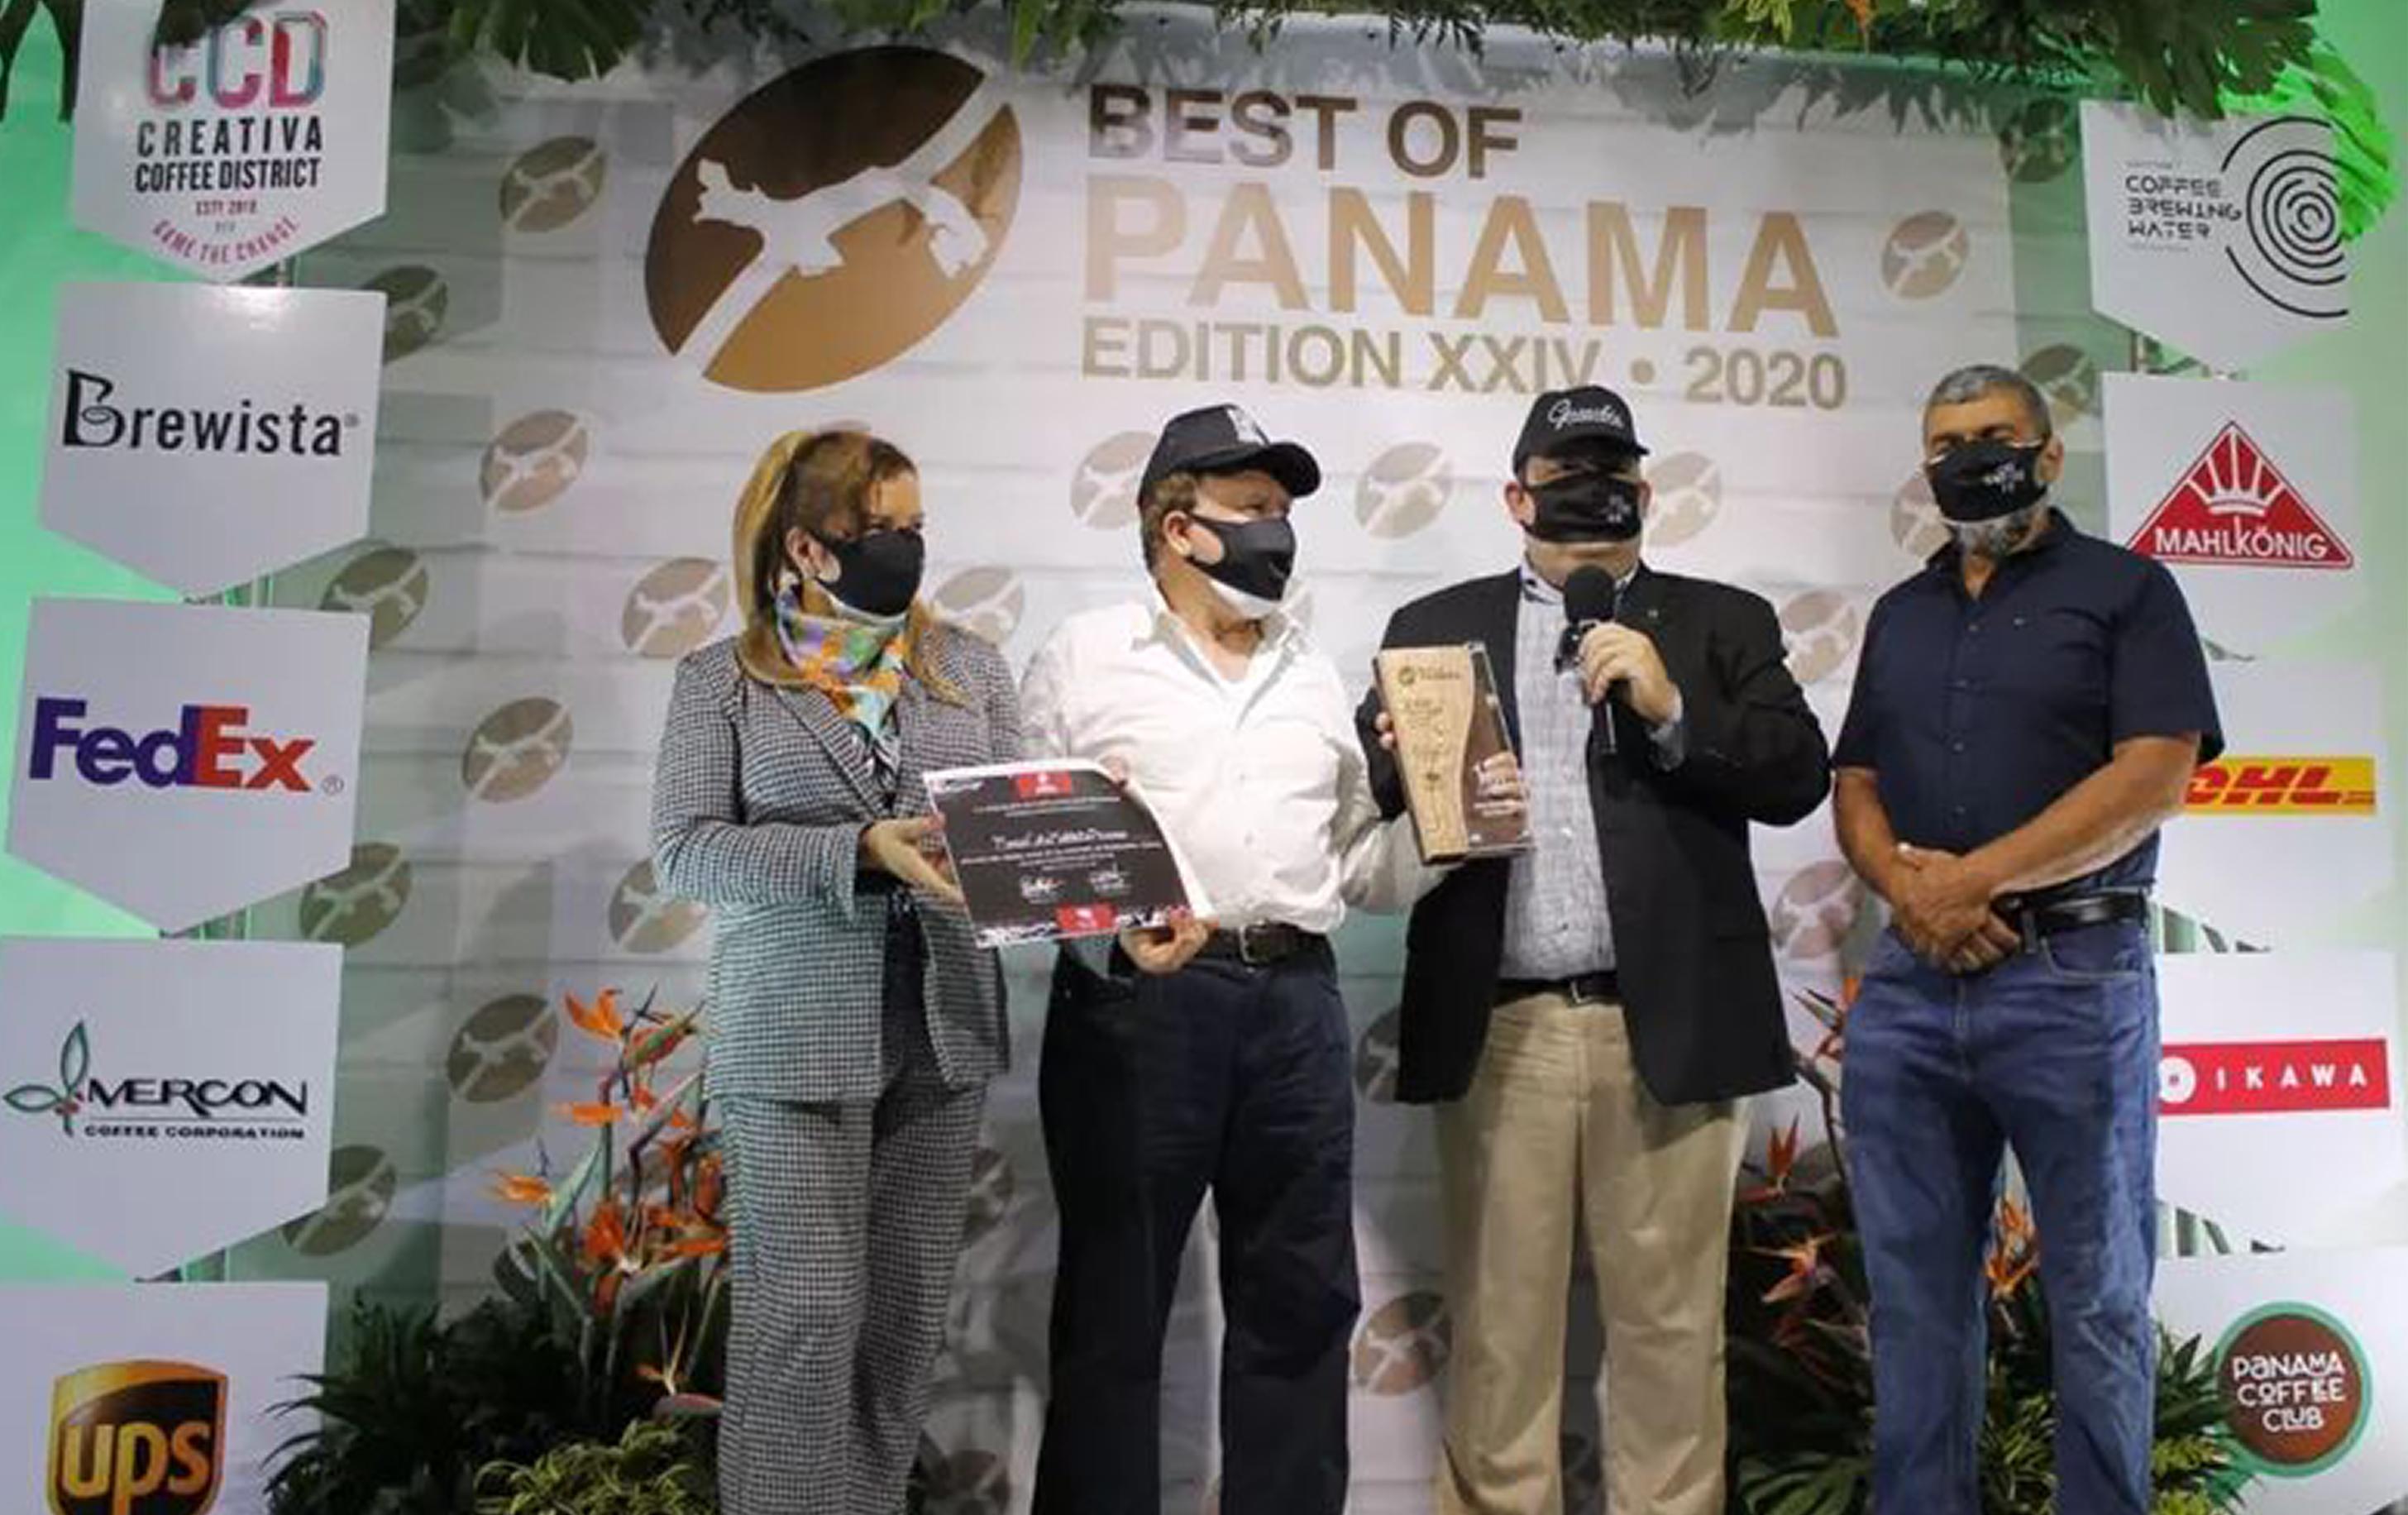 El Mokka de Panamá, una nueva variedad de café que comienza a conquistar al mercado mundial